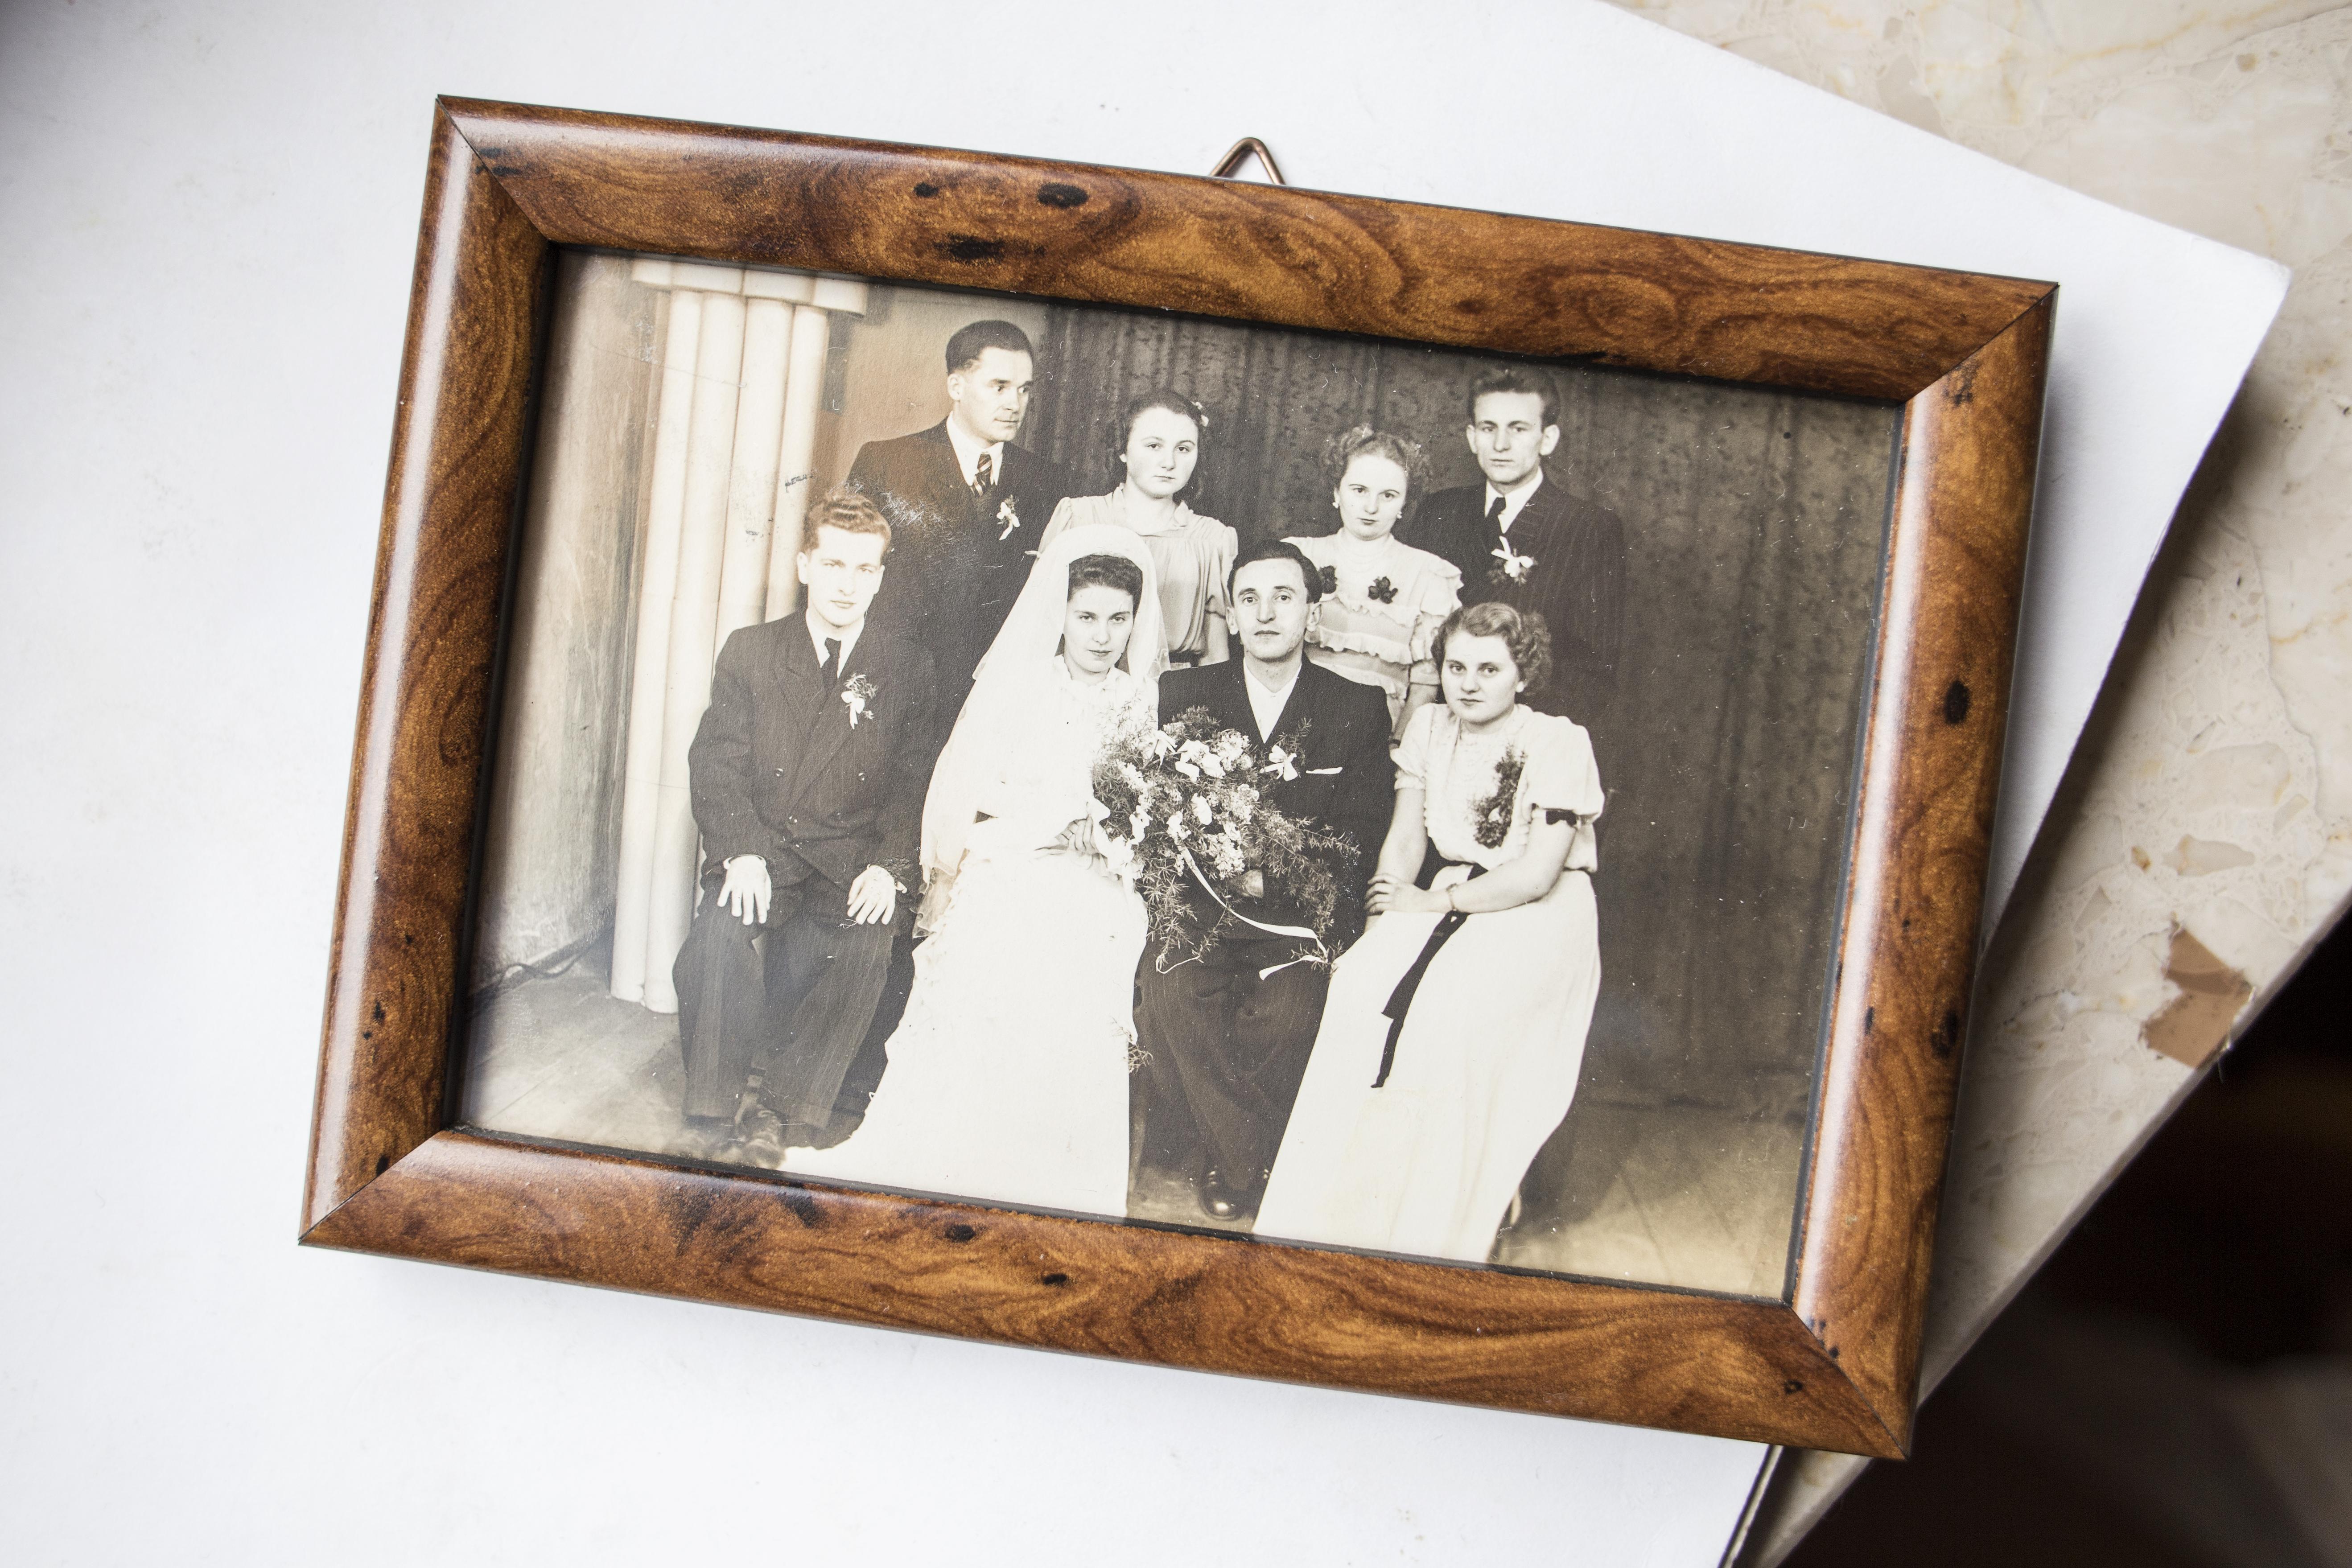 78b136190d Ślub i wesele 70 lat temu - rozmowa z moją babcią - Joanna Glogaza